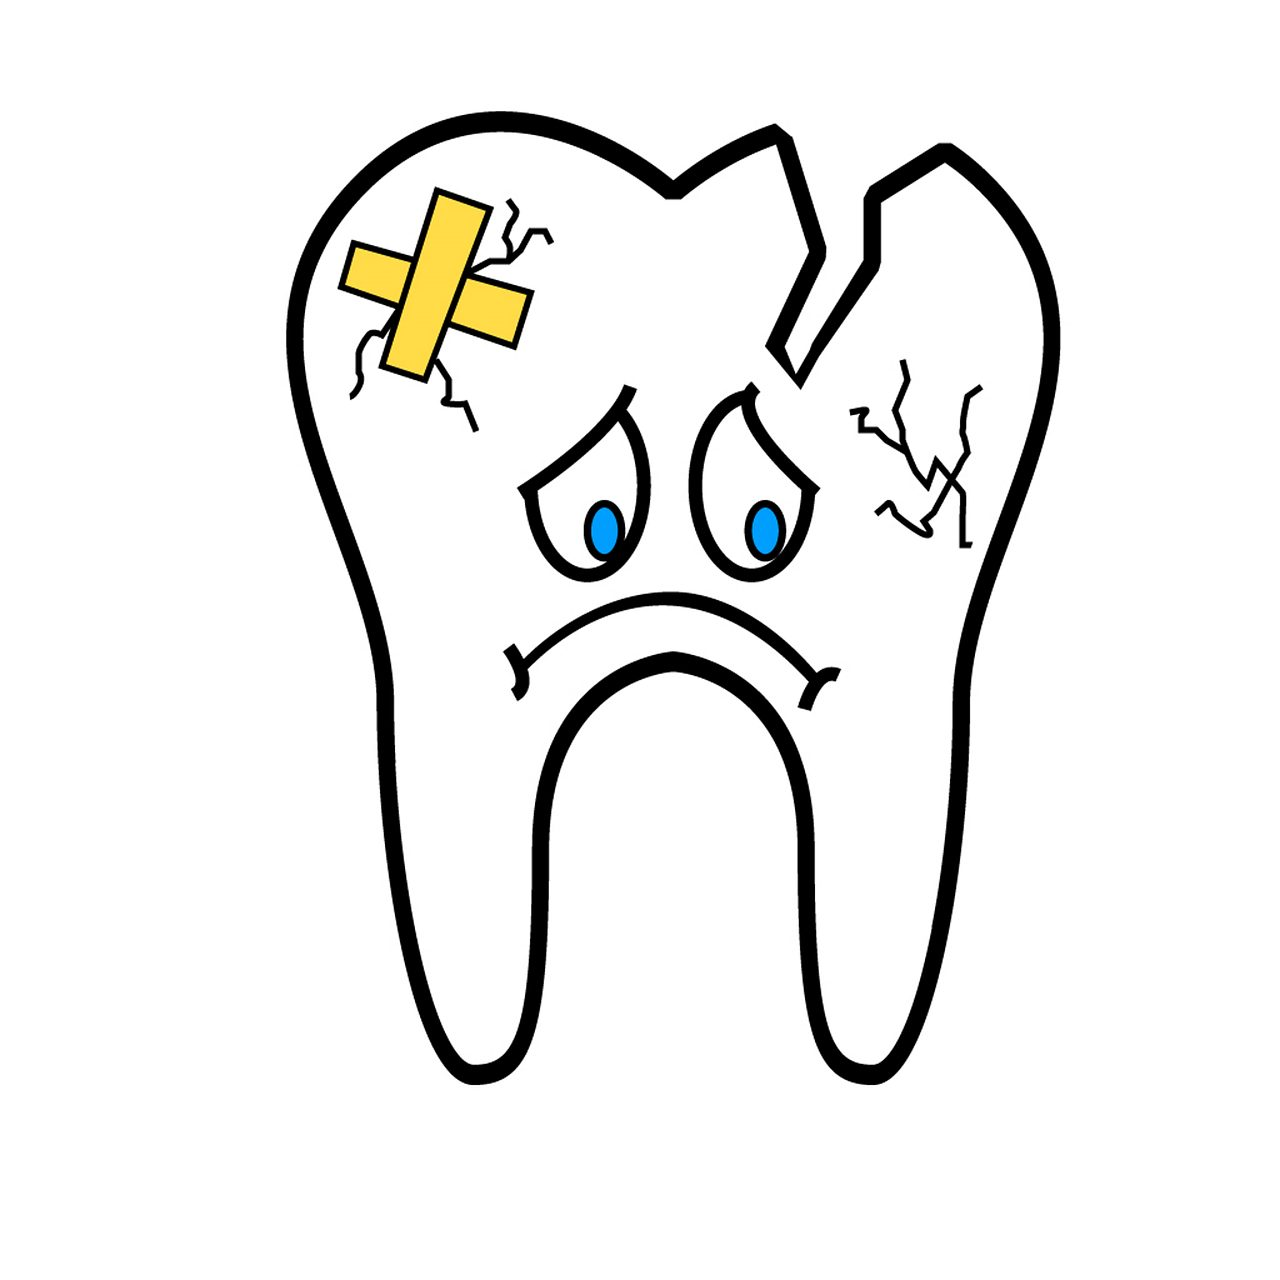 Elviere Dental Care tandarts spoed